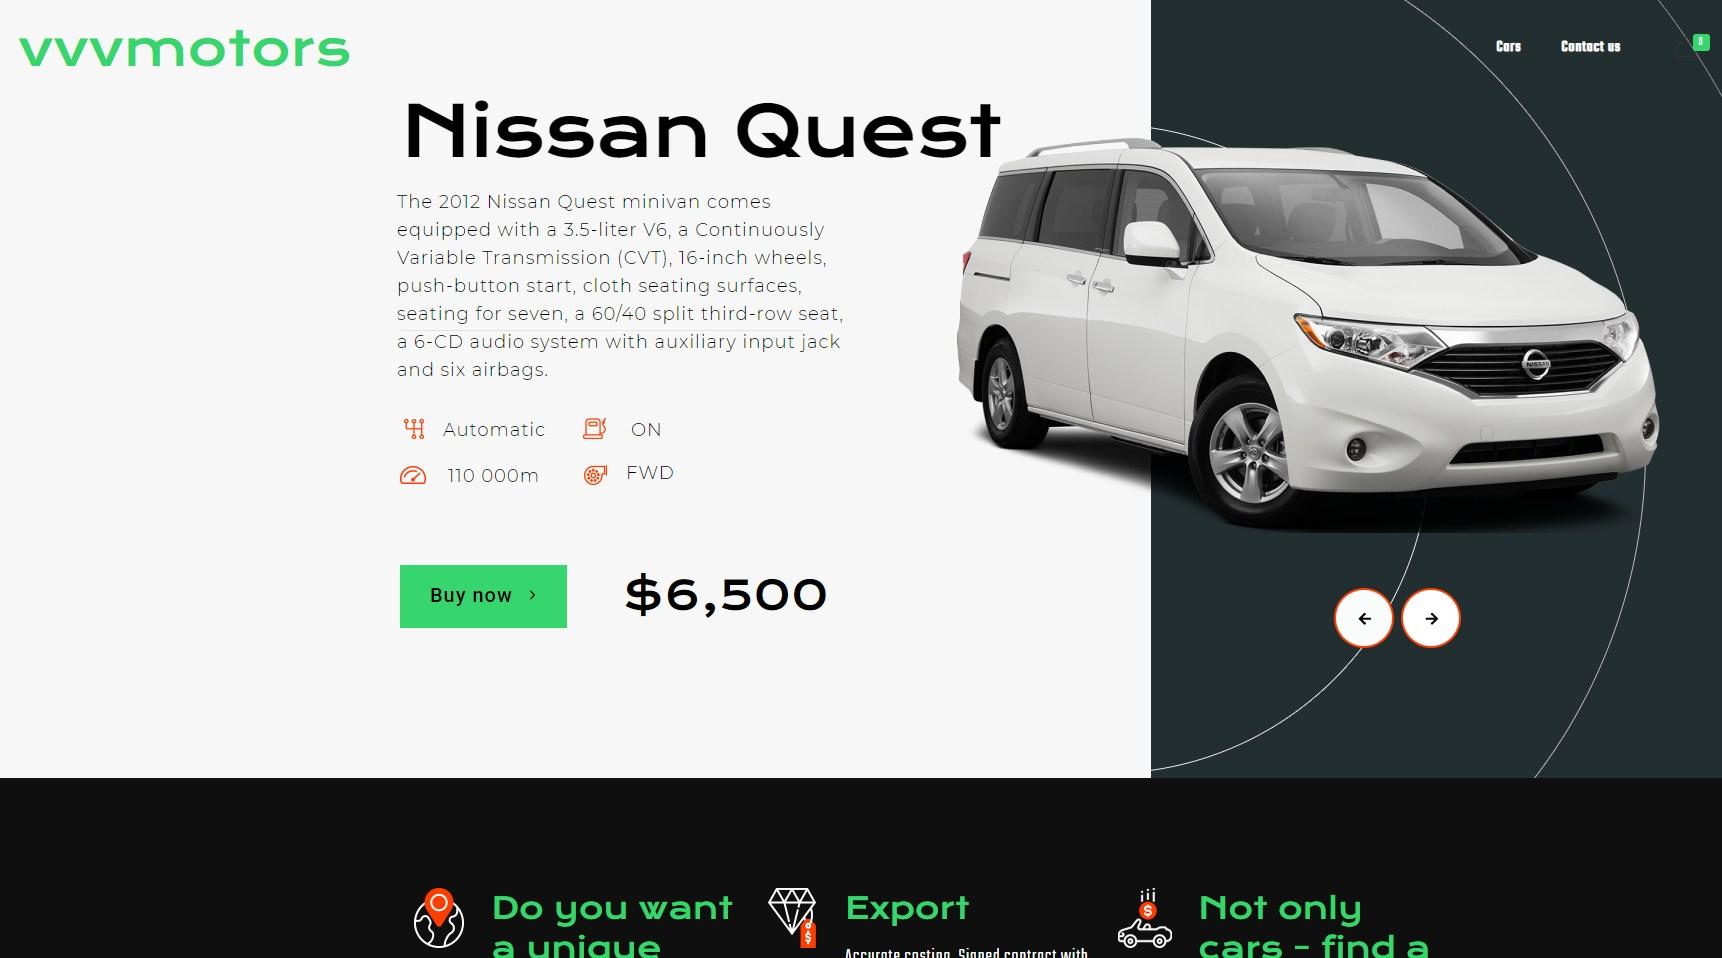 создание сайта продажи автомобилей